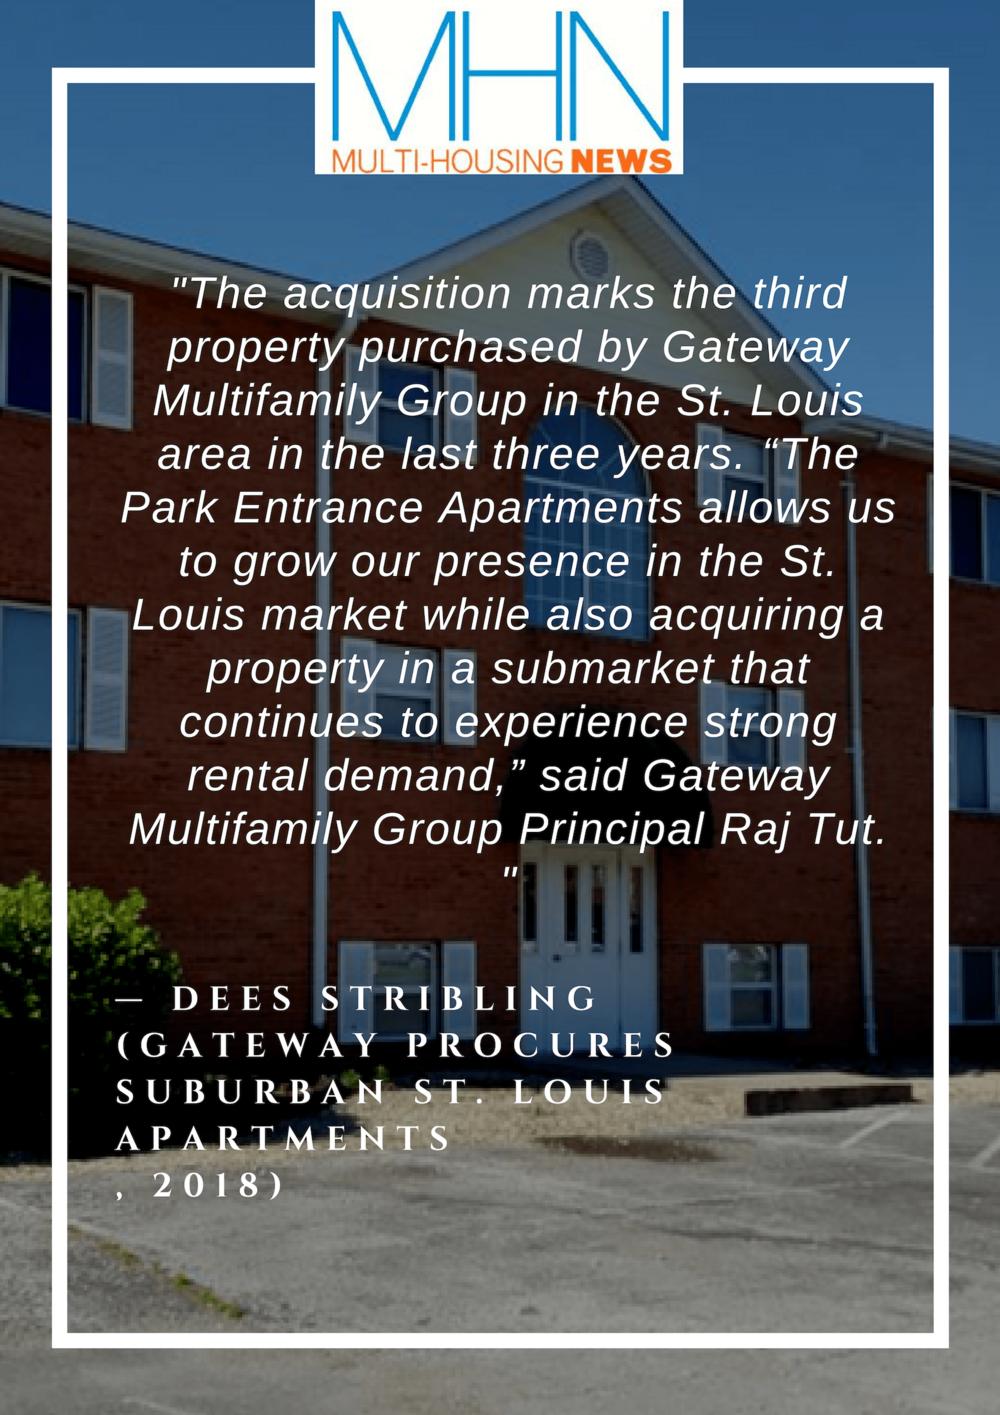 Gateway Procures Suburban St. Louis Apartments